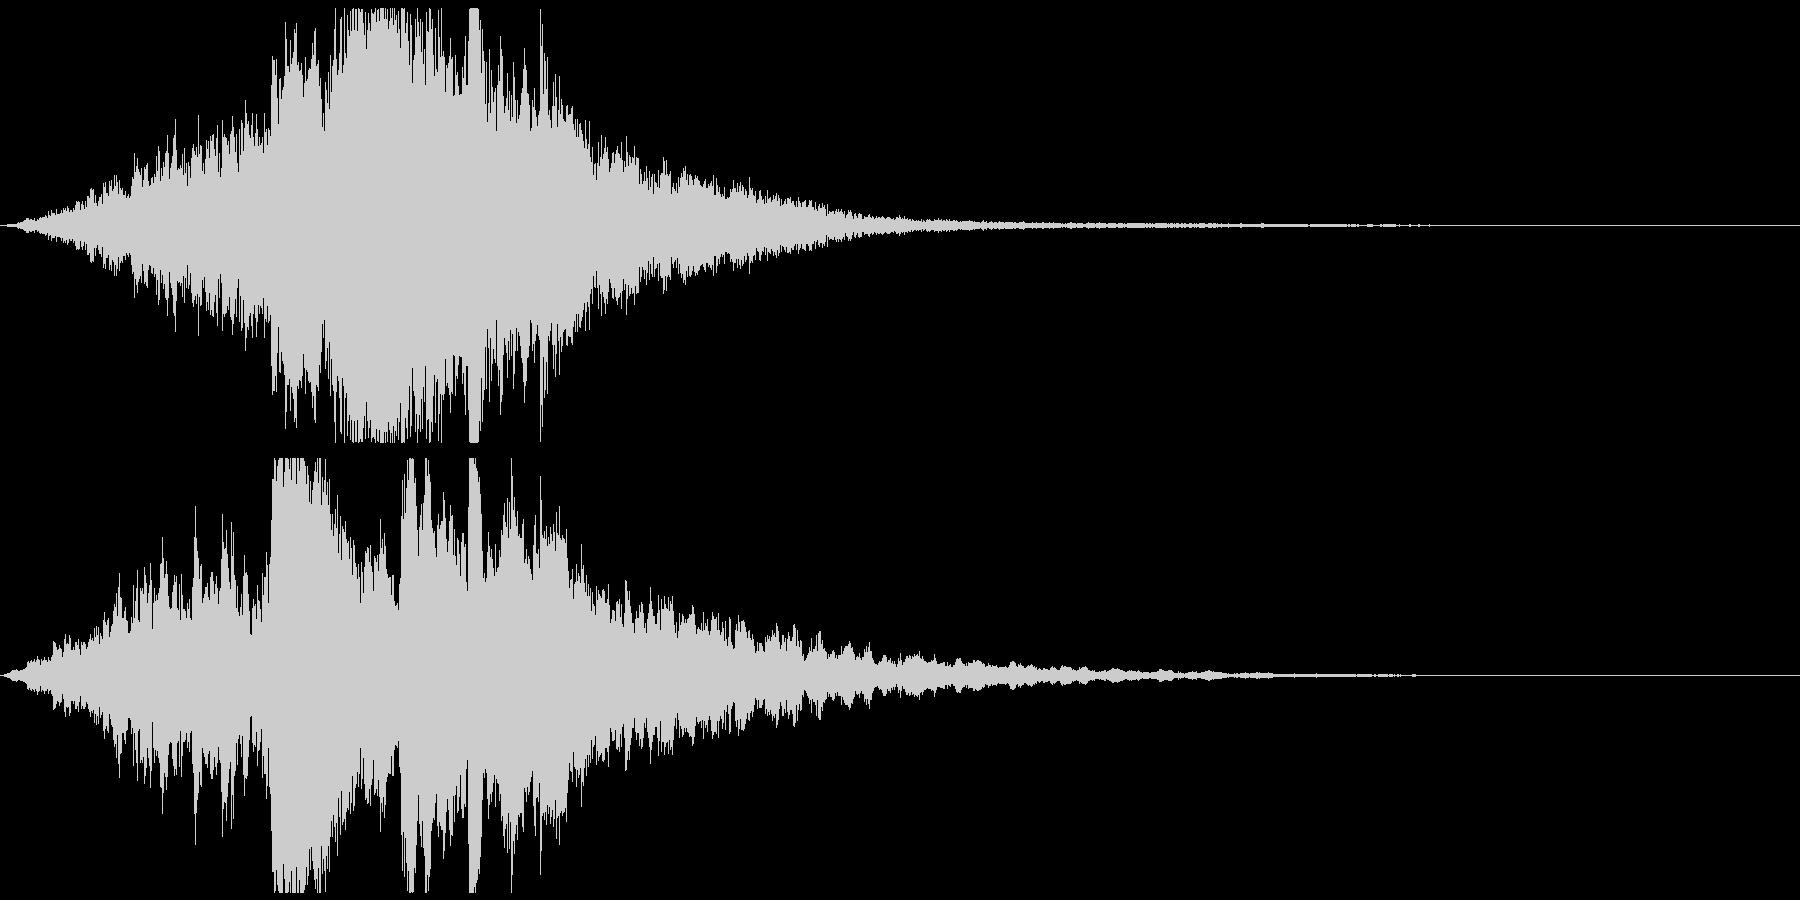 ゲーム・映像等 幻想的ピアノサウンドロゴの未再生の波形